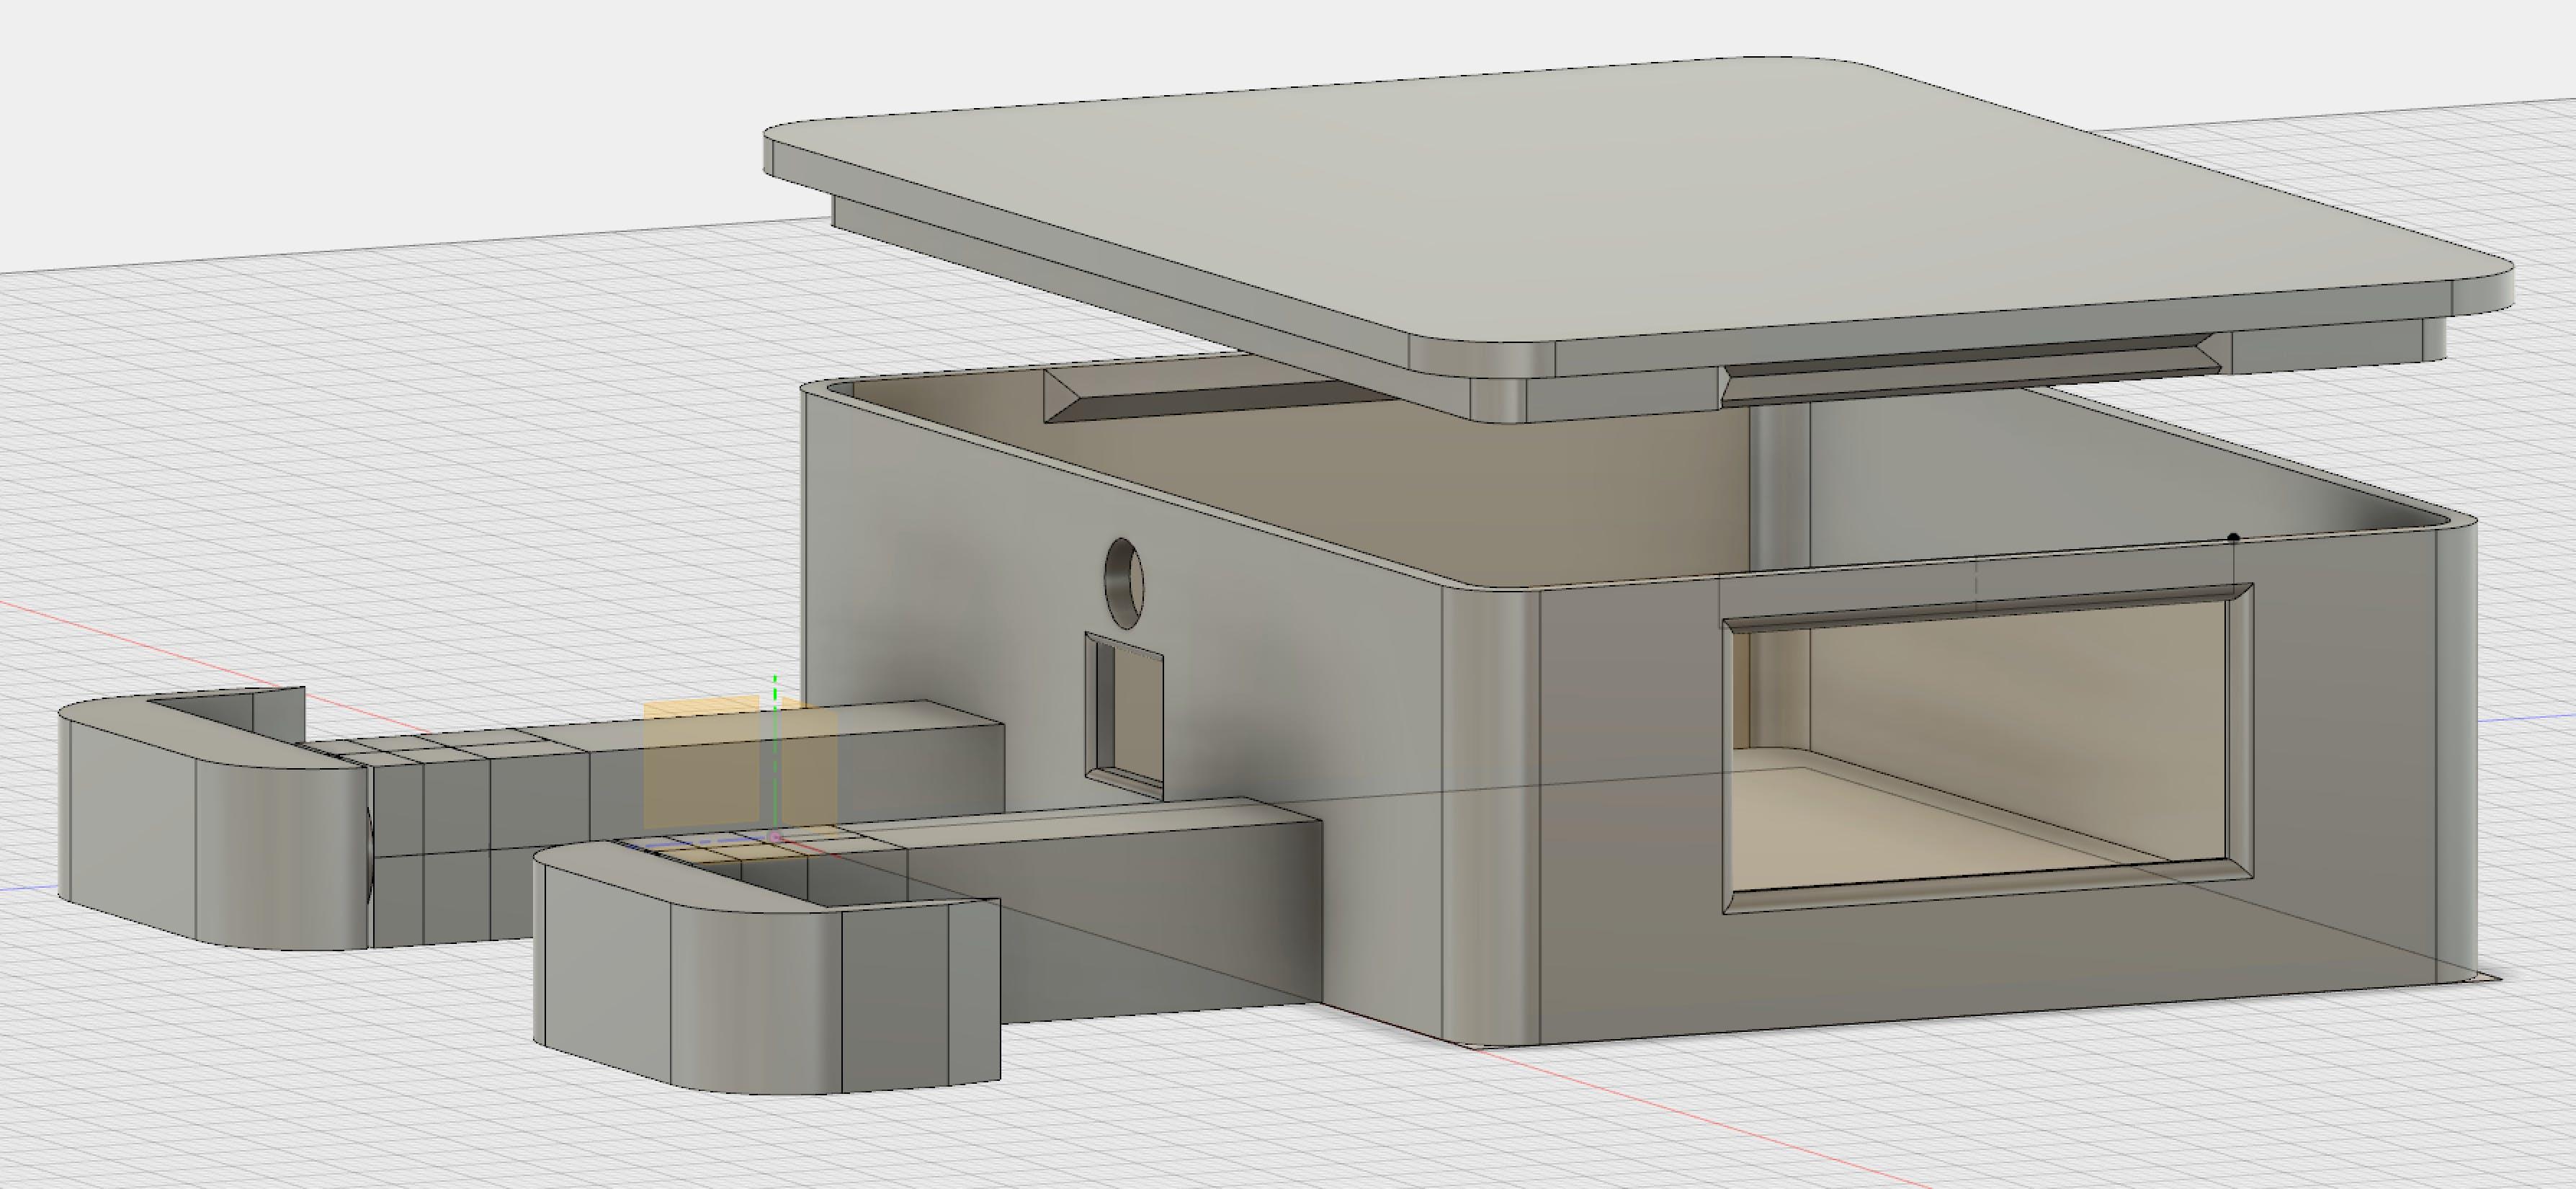 Full enclosure model